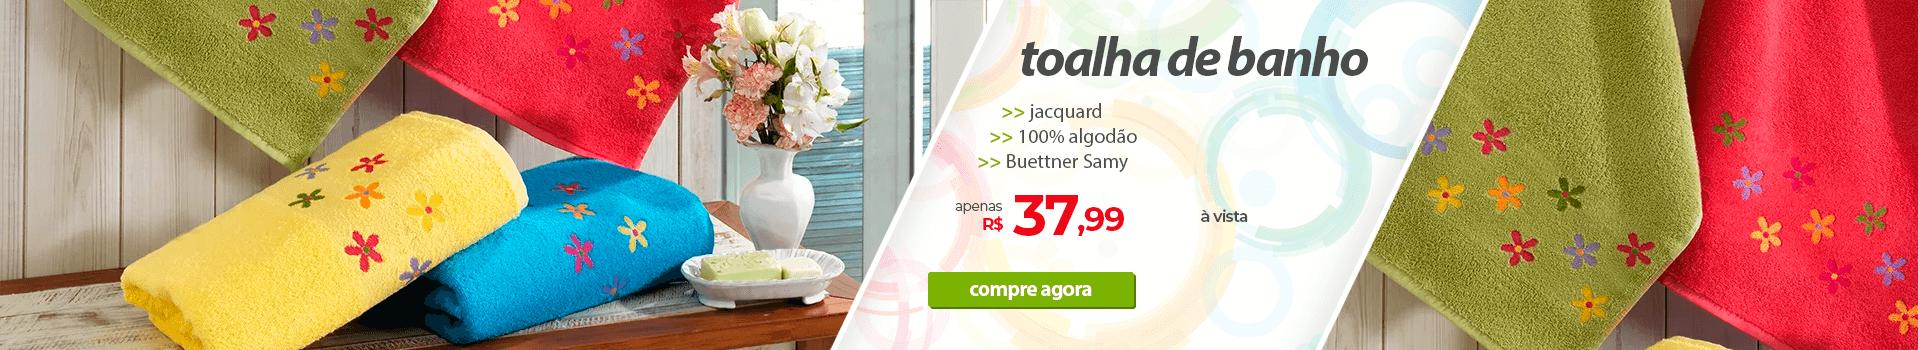 Toalha de Banho 100% Algodão Buettner Samy | Apenas R$37,99 | Loja Buettner | Compre Agora!